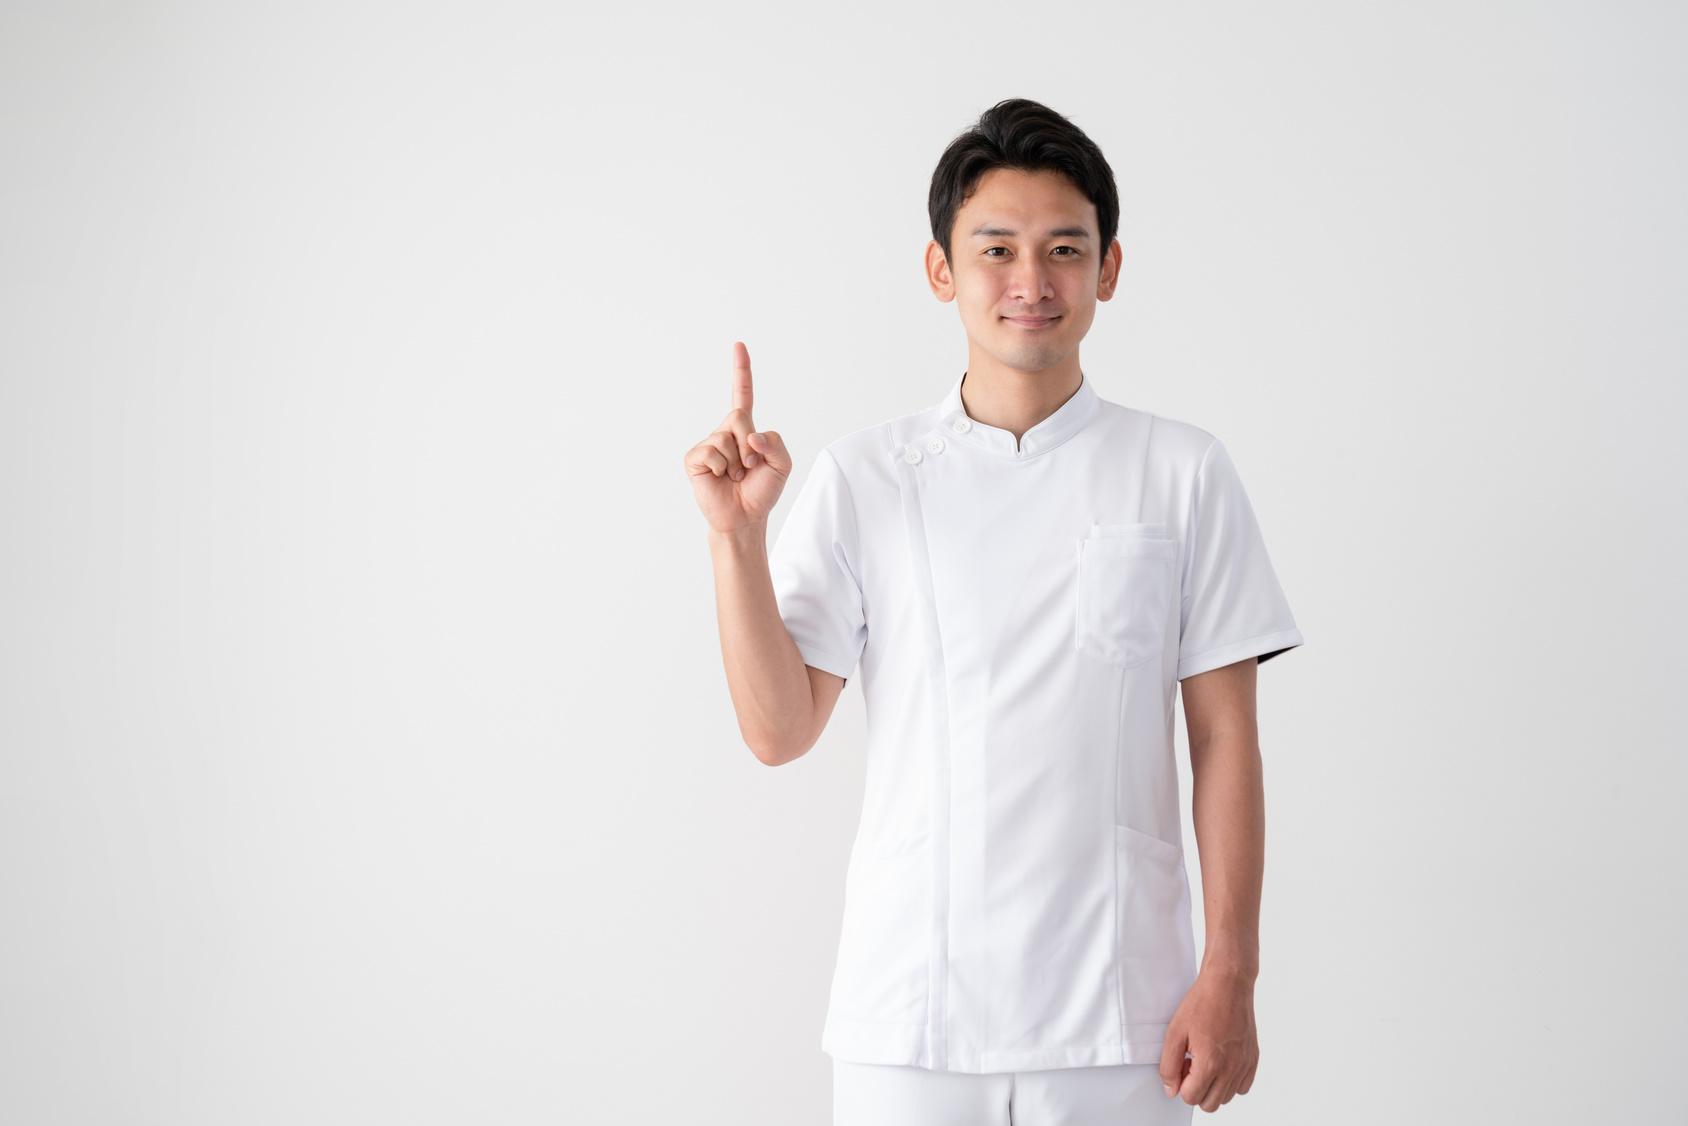 医者、看護師、指をさす、ご案内、ポイント、指示